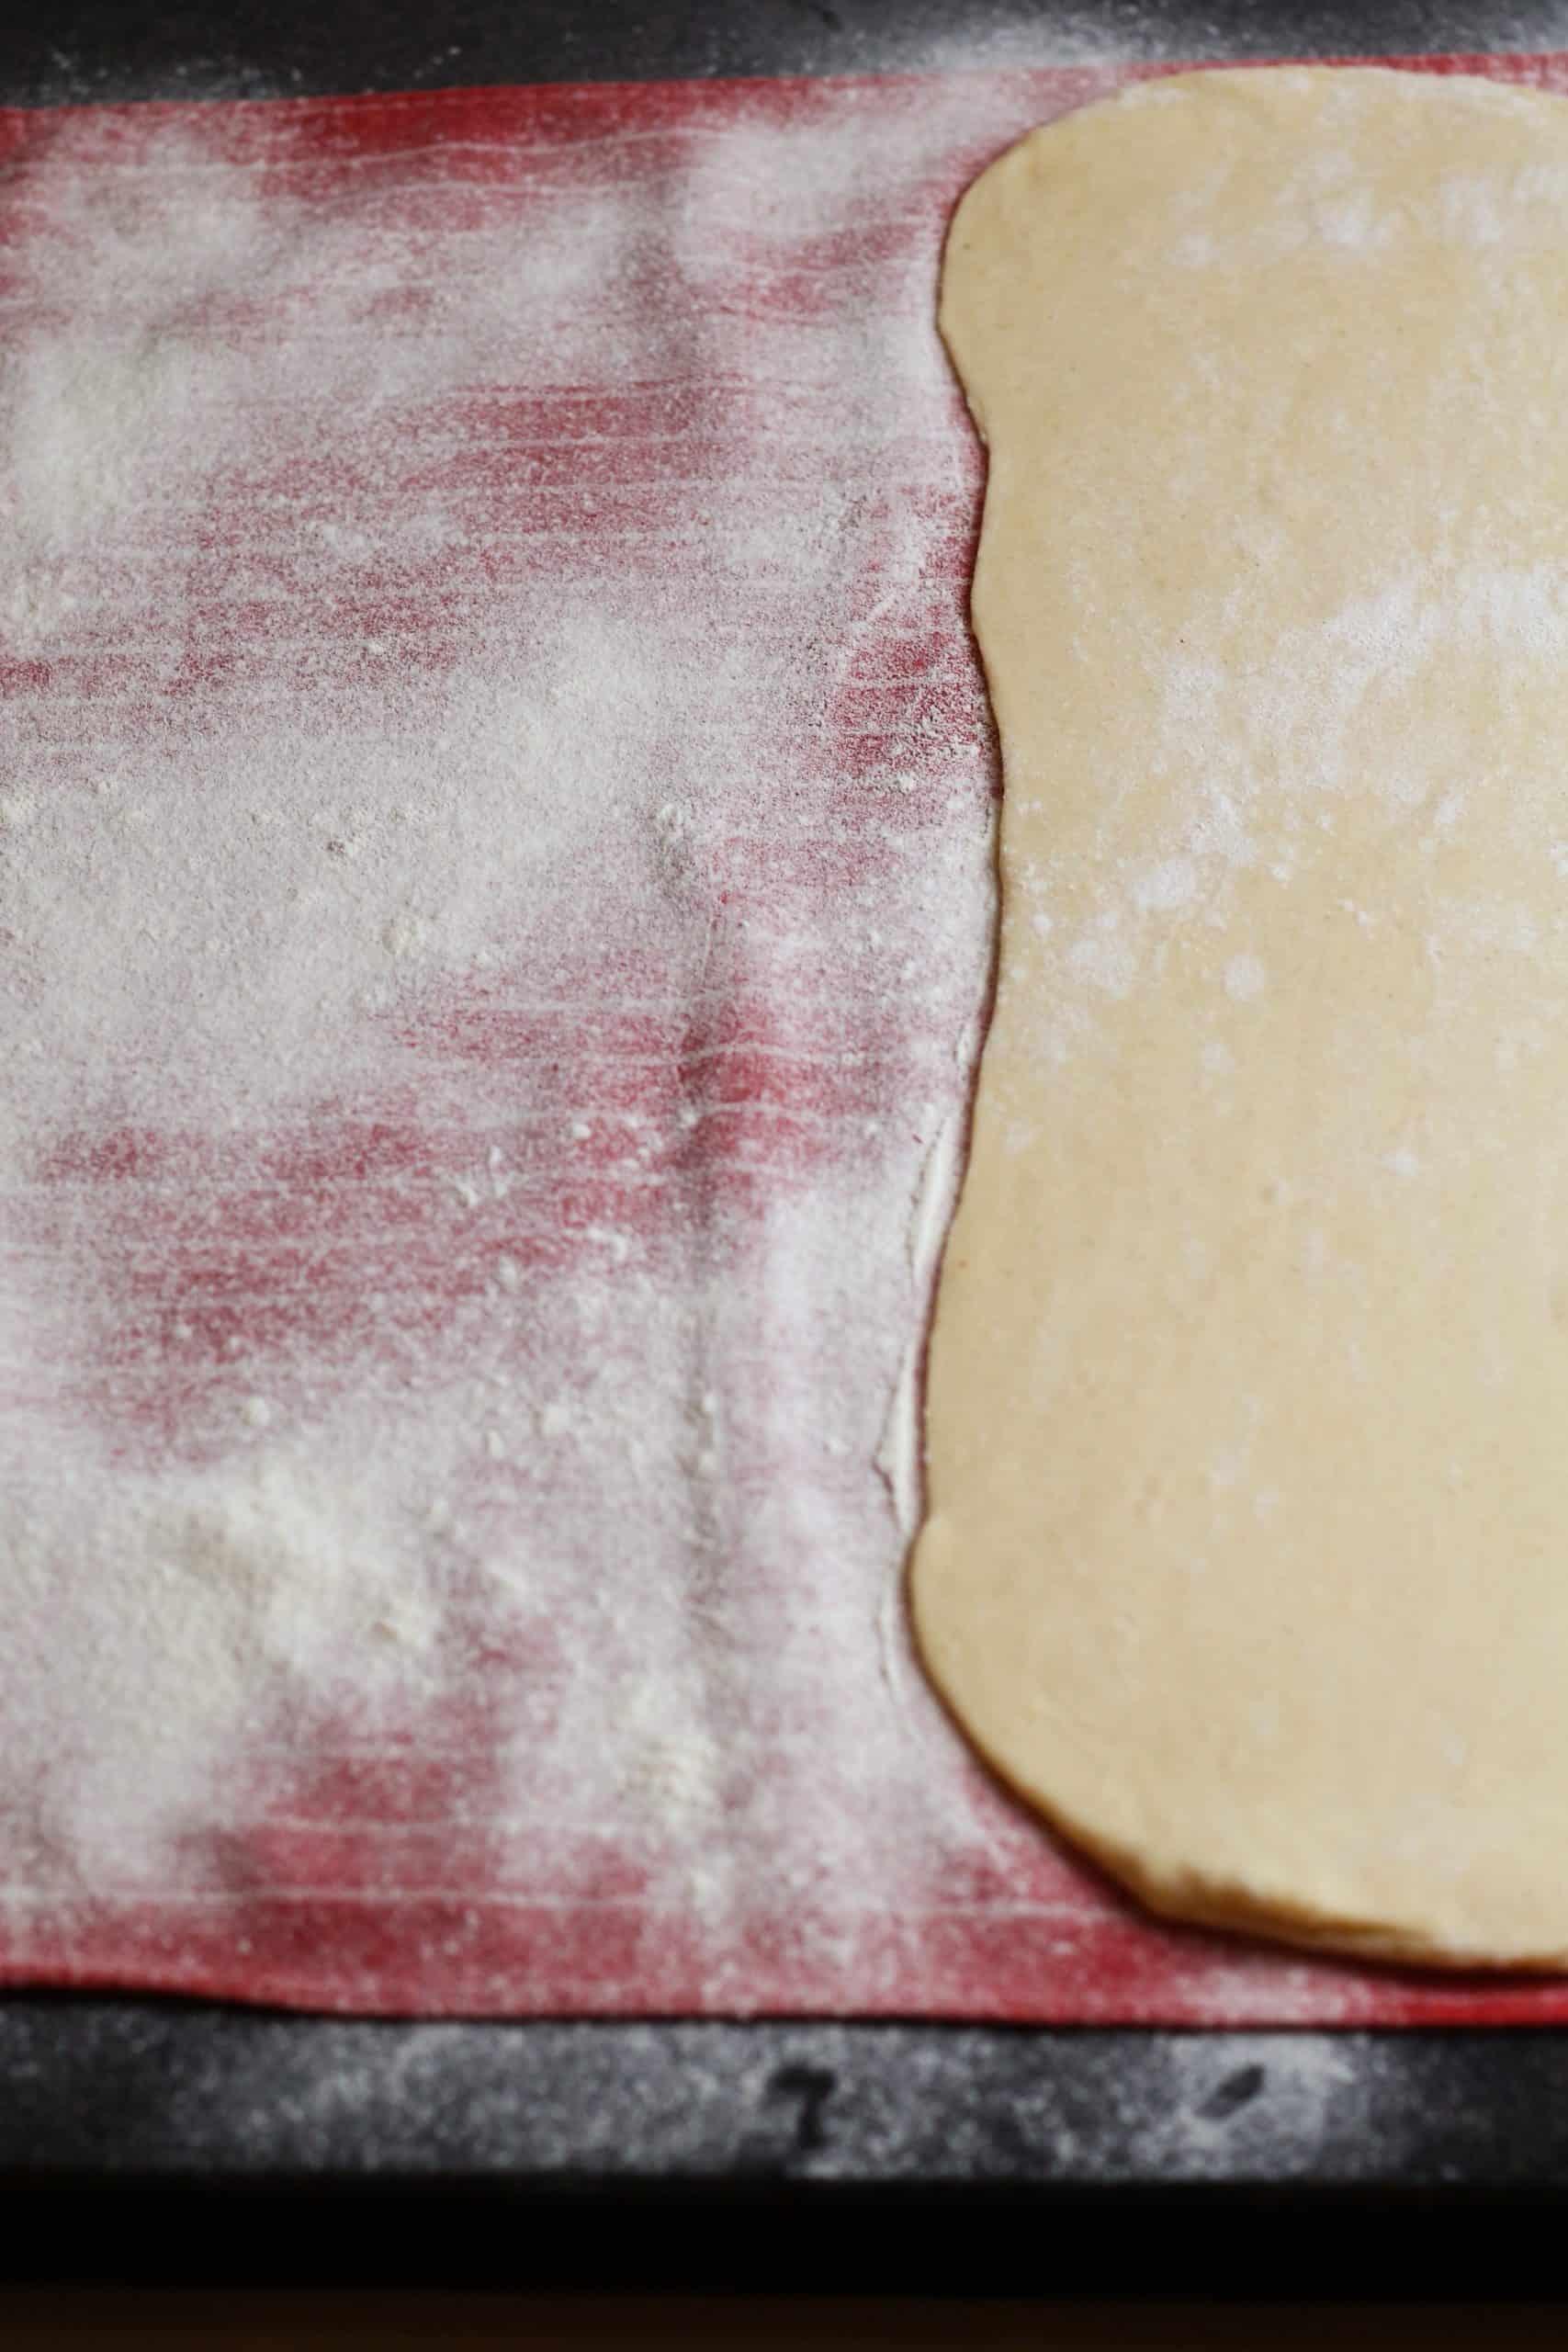 Yufk / Filo dough